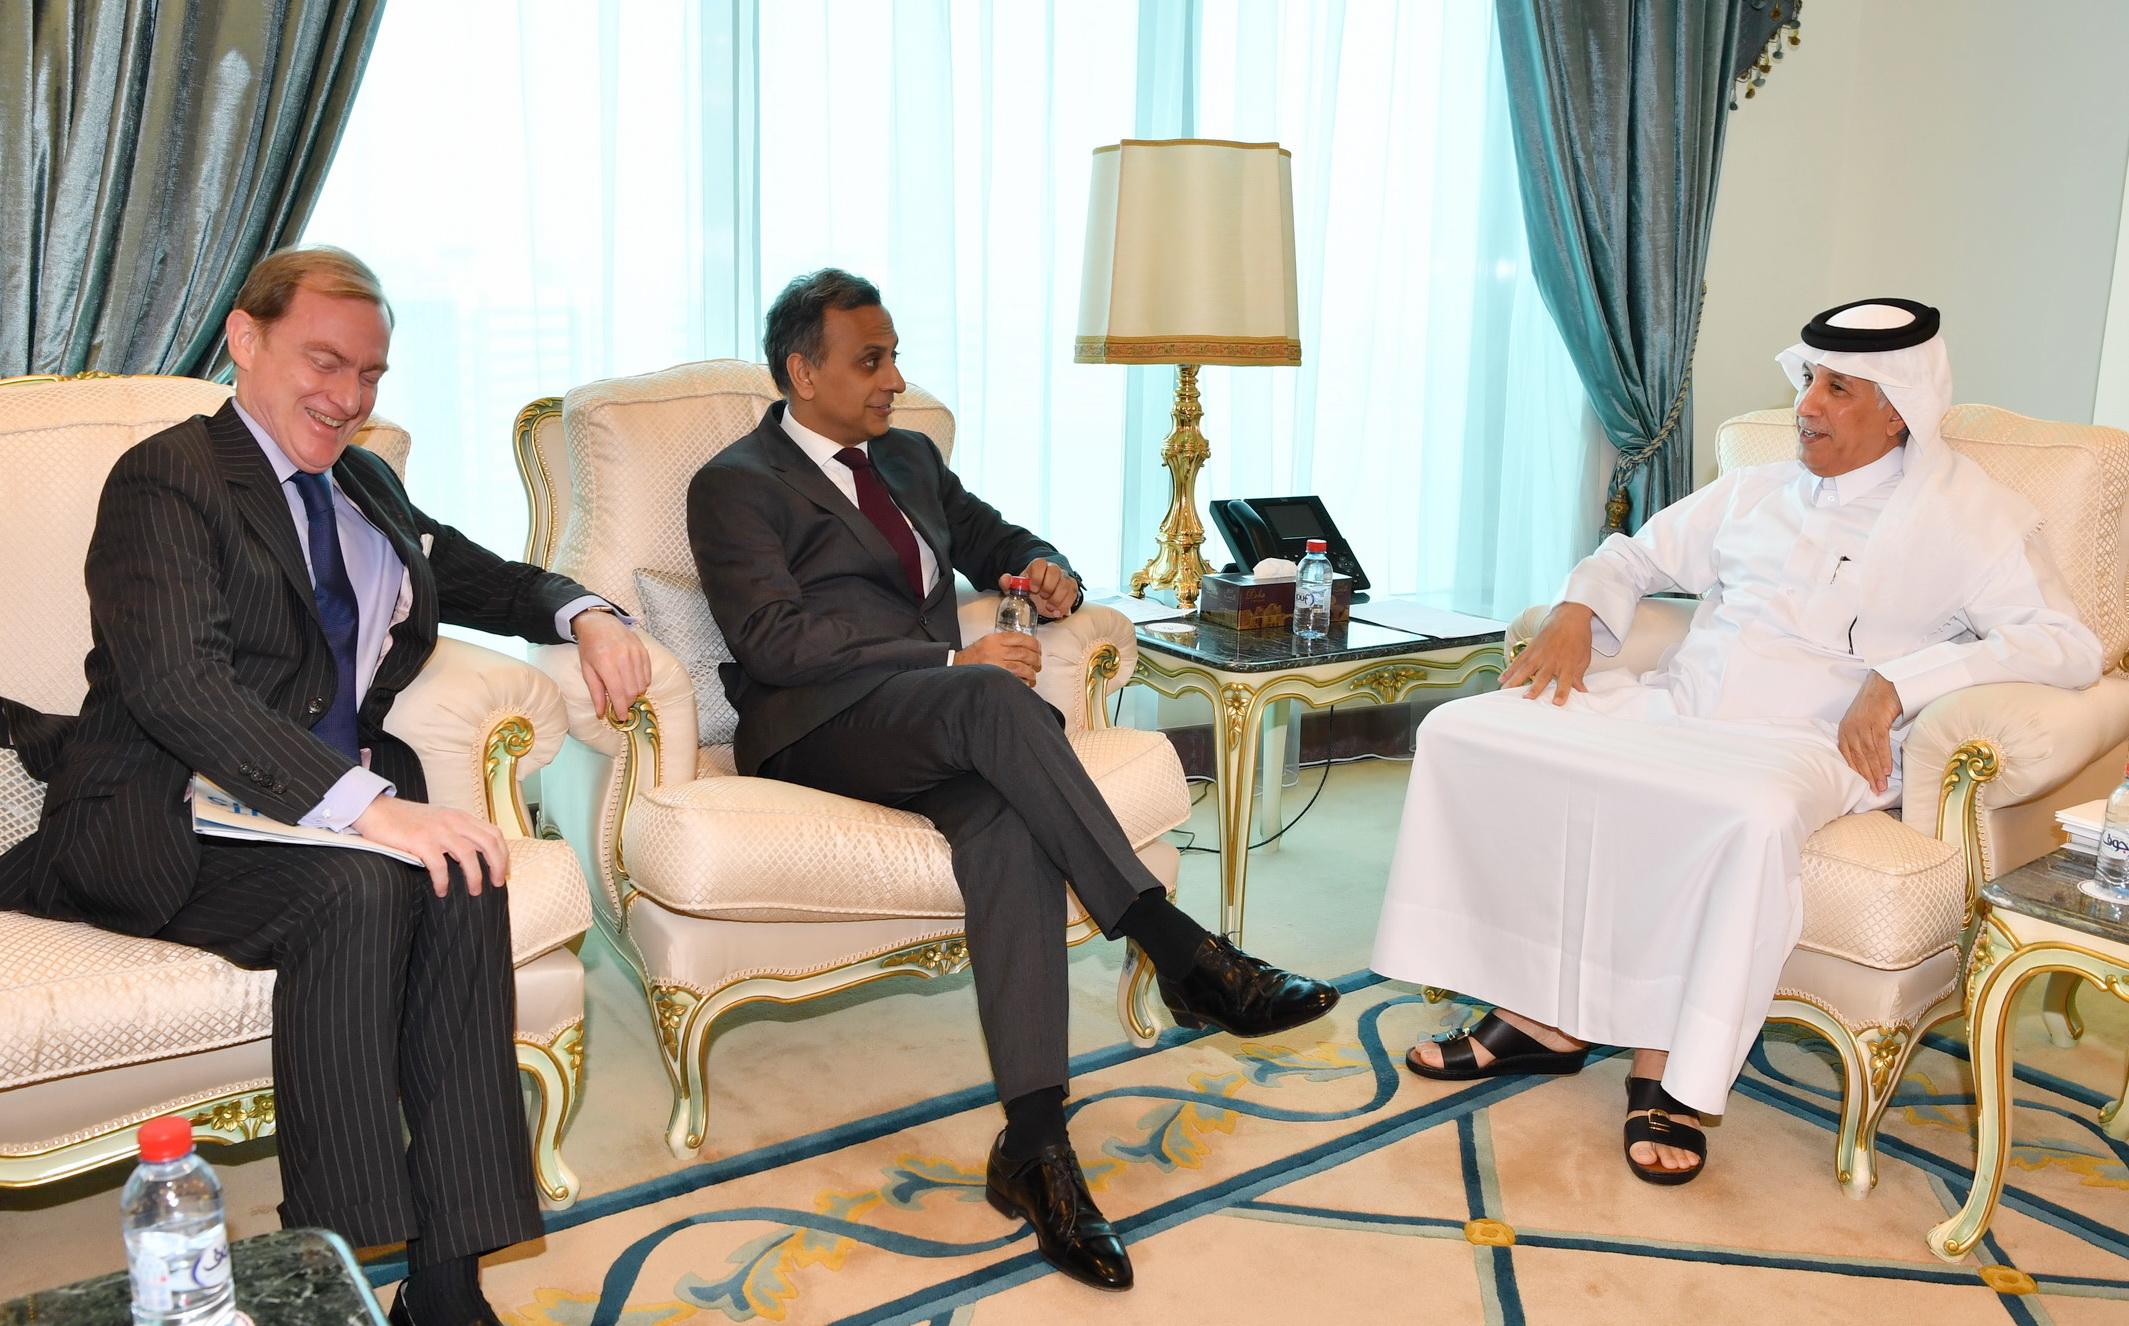 وزير الدولة للشؤون الخارجية يجتمع مع سفراء بريطانيا وفرنسا والقائم بالأعمال الألماني